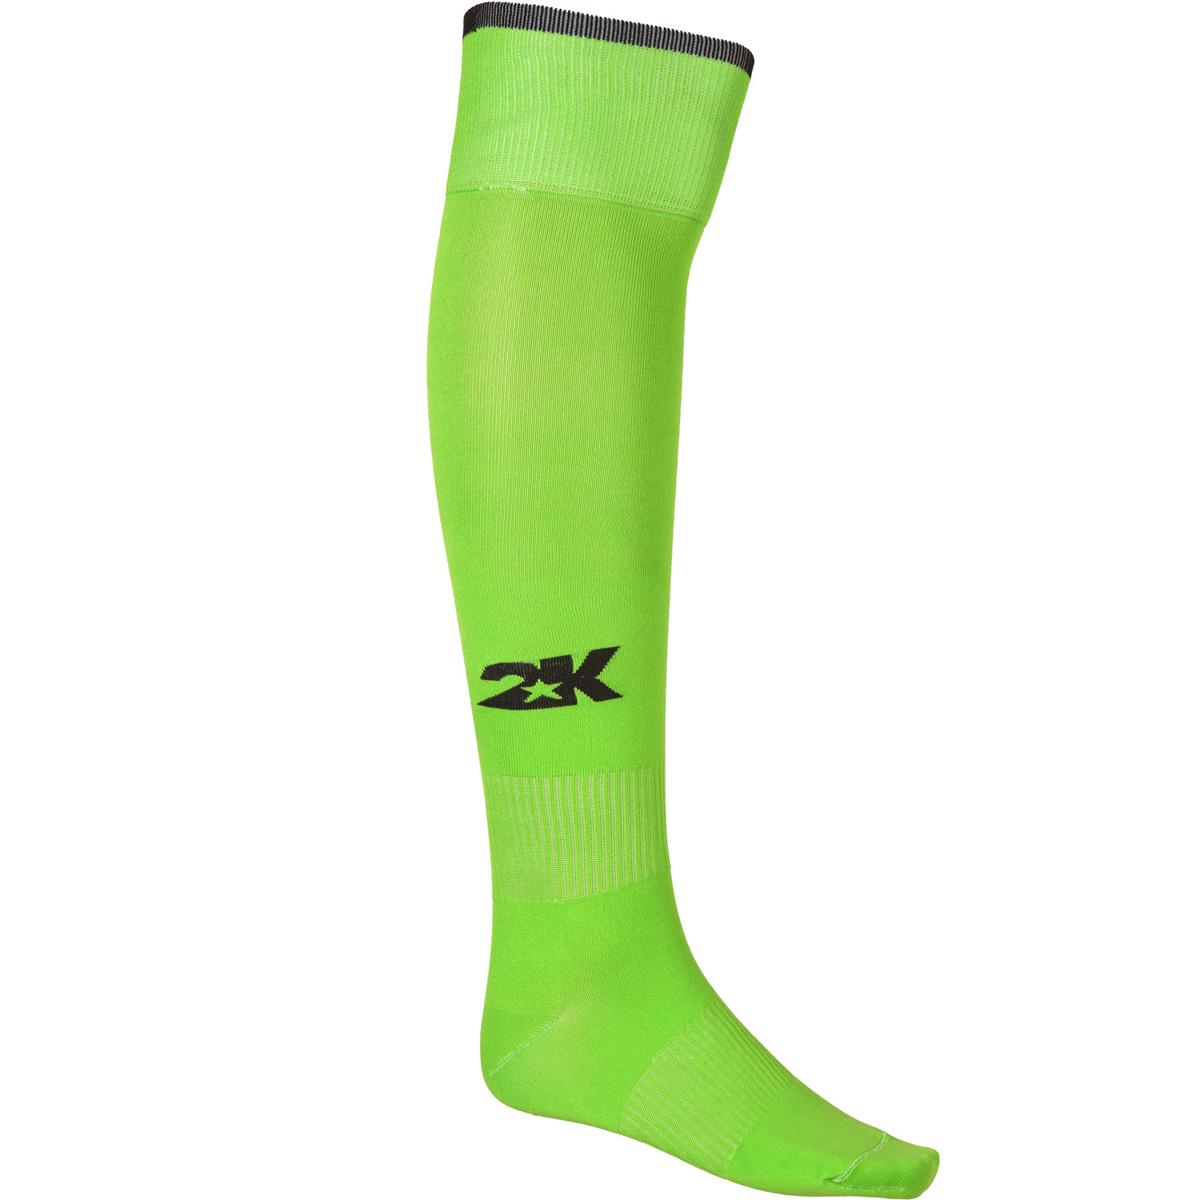 Гетры футбольные 2K Sport Classic, цвет: светло-зеленый, черный. 120334. Размер 36/40